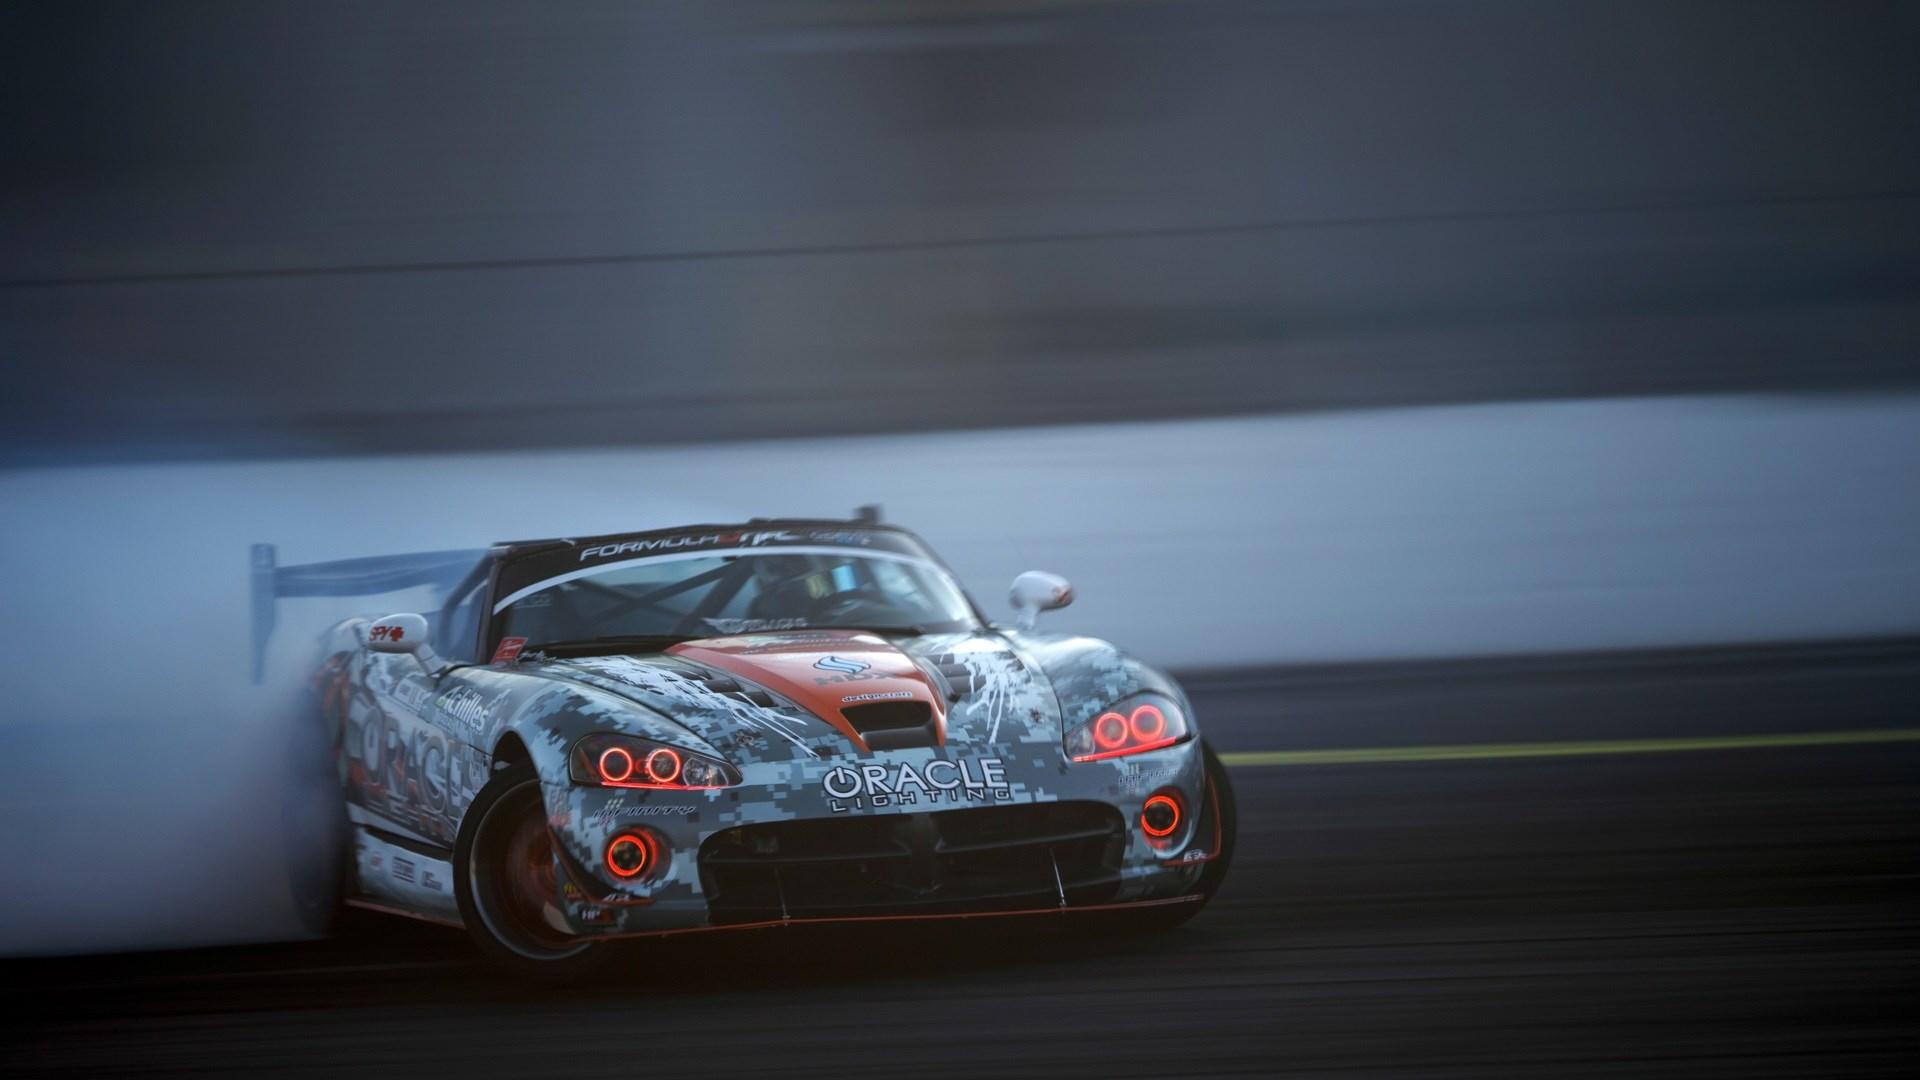 Amazing Car Drifting HD Wallpapers WallpapersCharlie 1920x1080